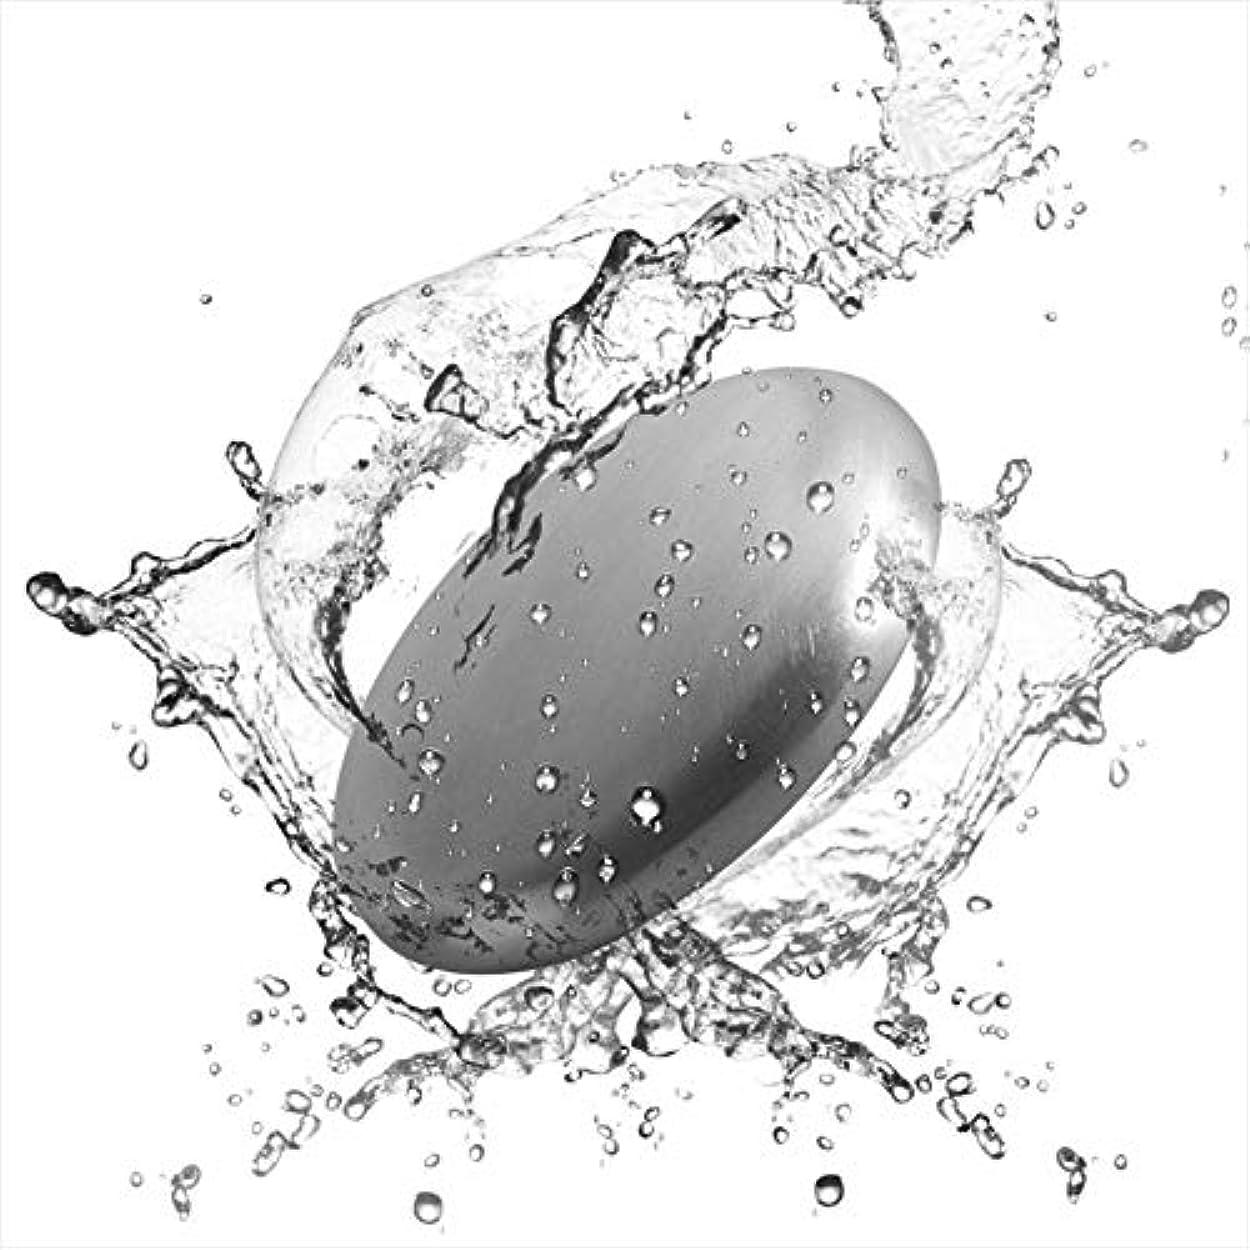 ボイドクラッチ広くRefoiner ステンレス製品 ソープ 実用的な台所用具 石鹸 魚臭 玉ねぎやニンニク 異臭を取り除く 2個